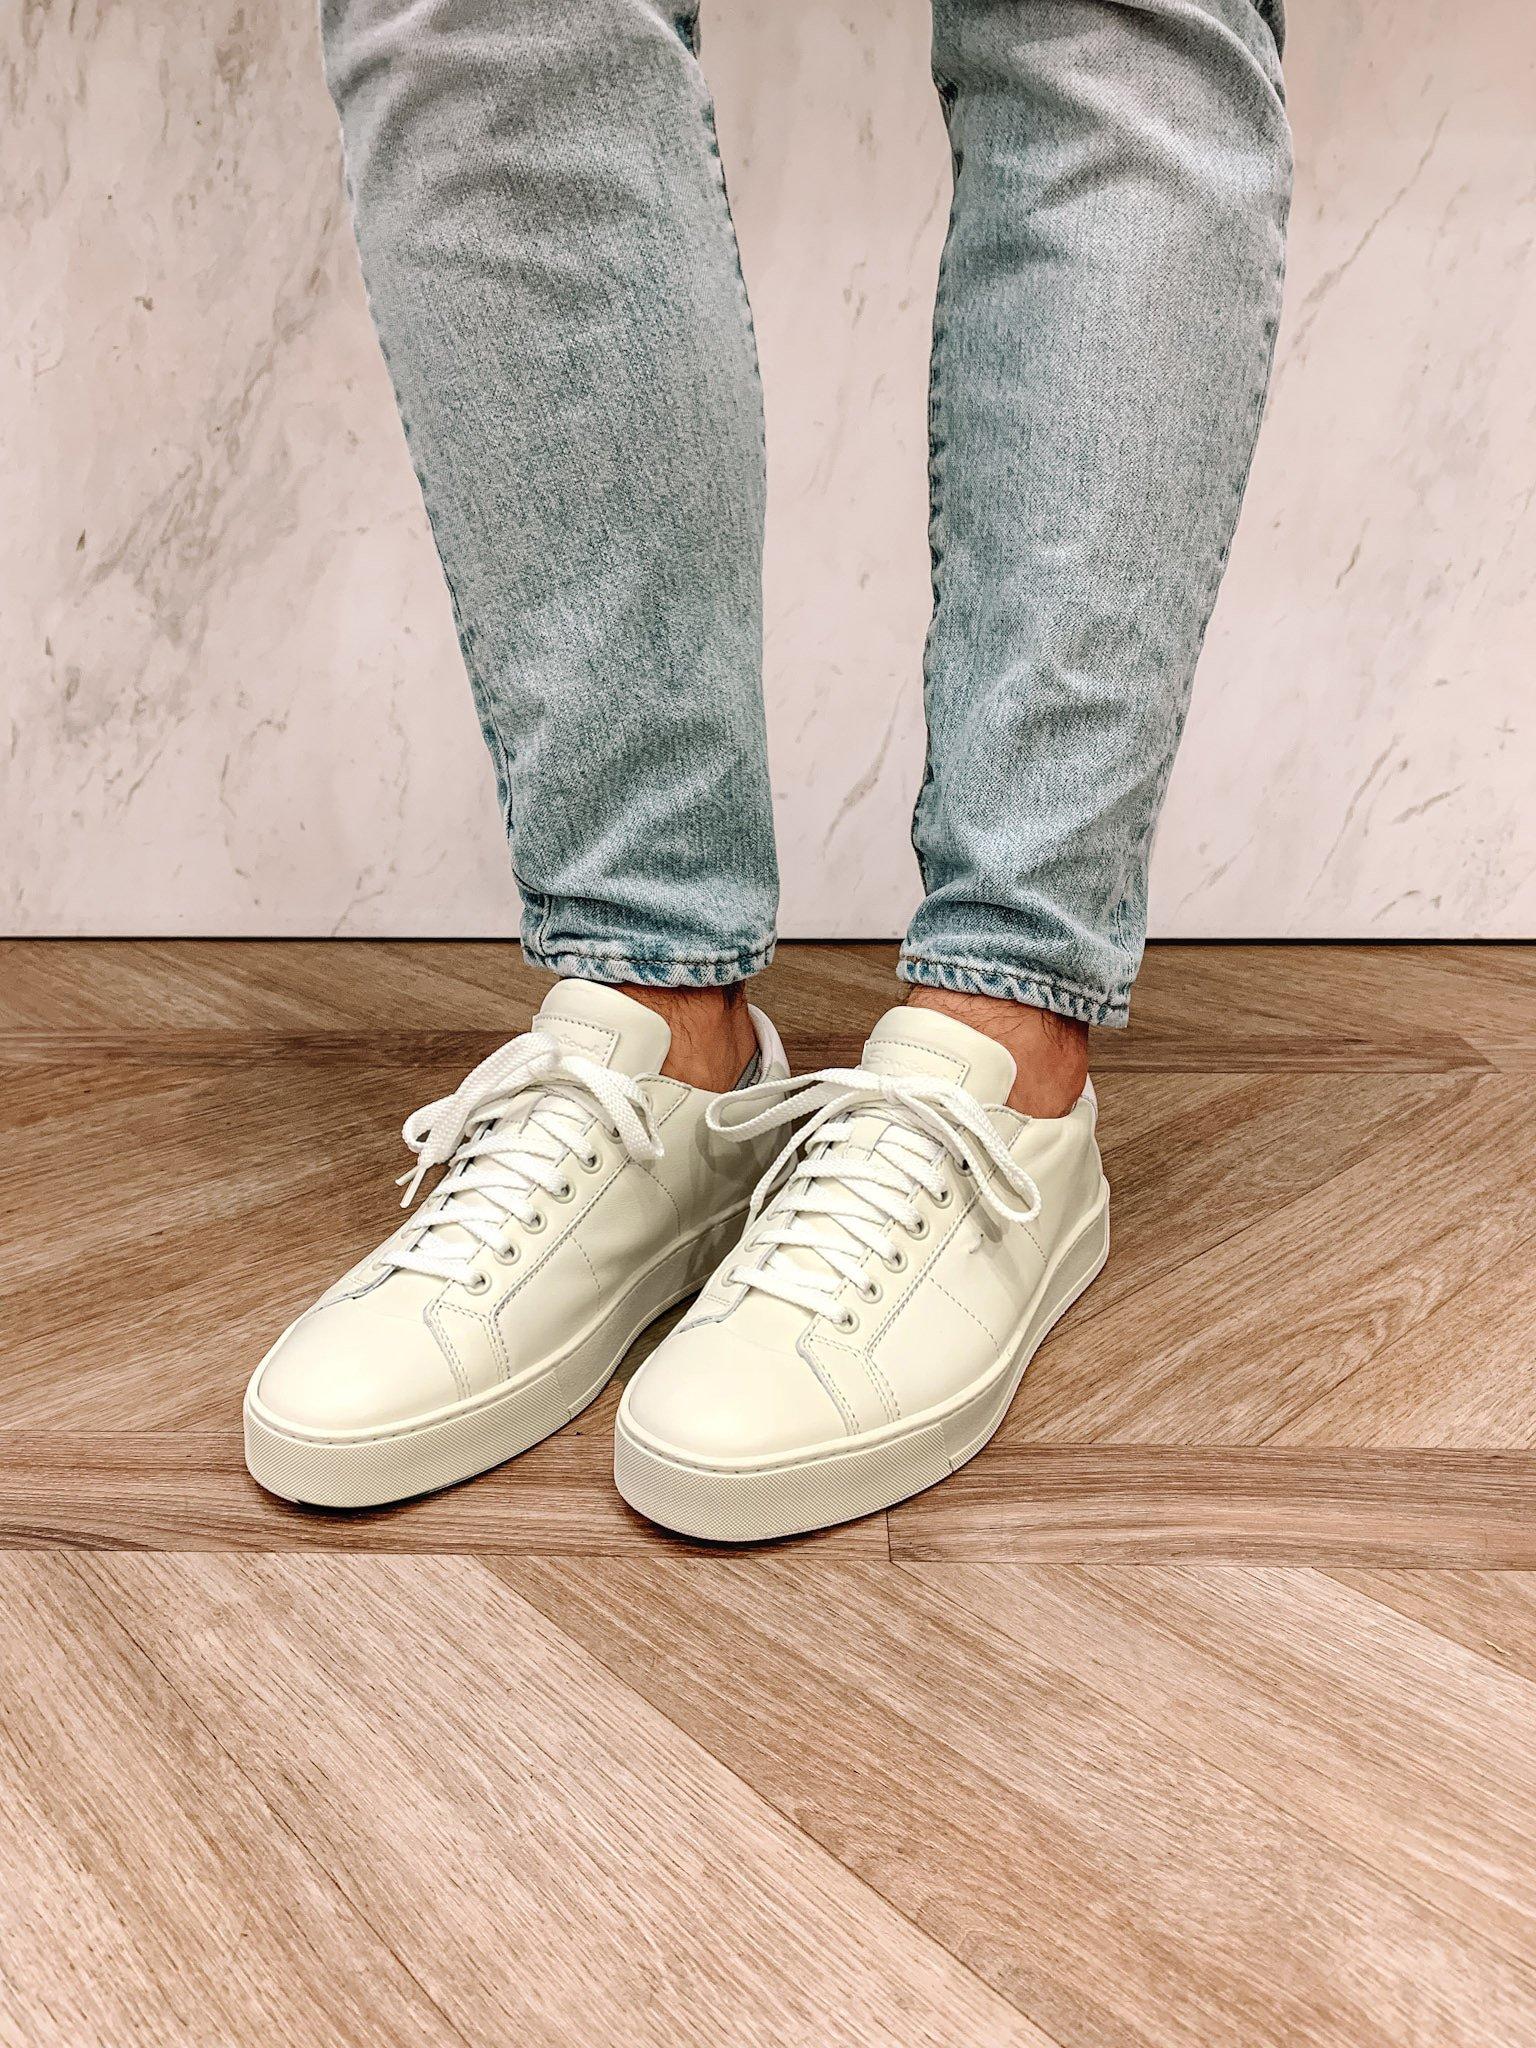 Trendige einfarbige Sneakers für Männer